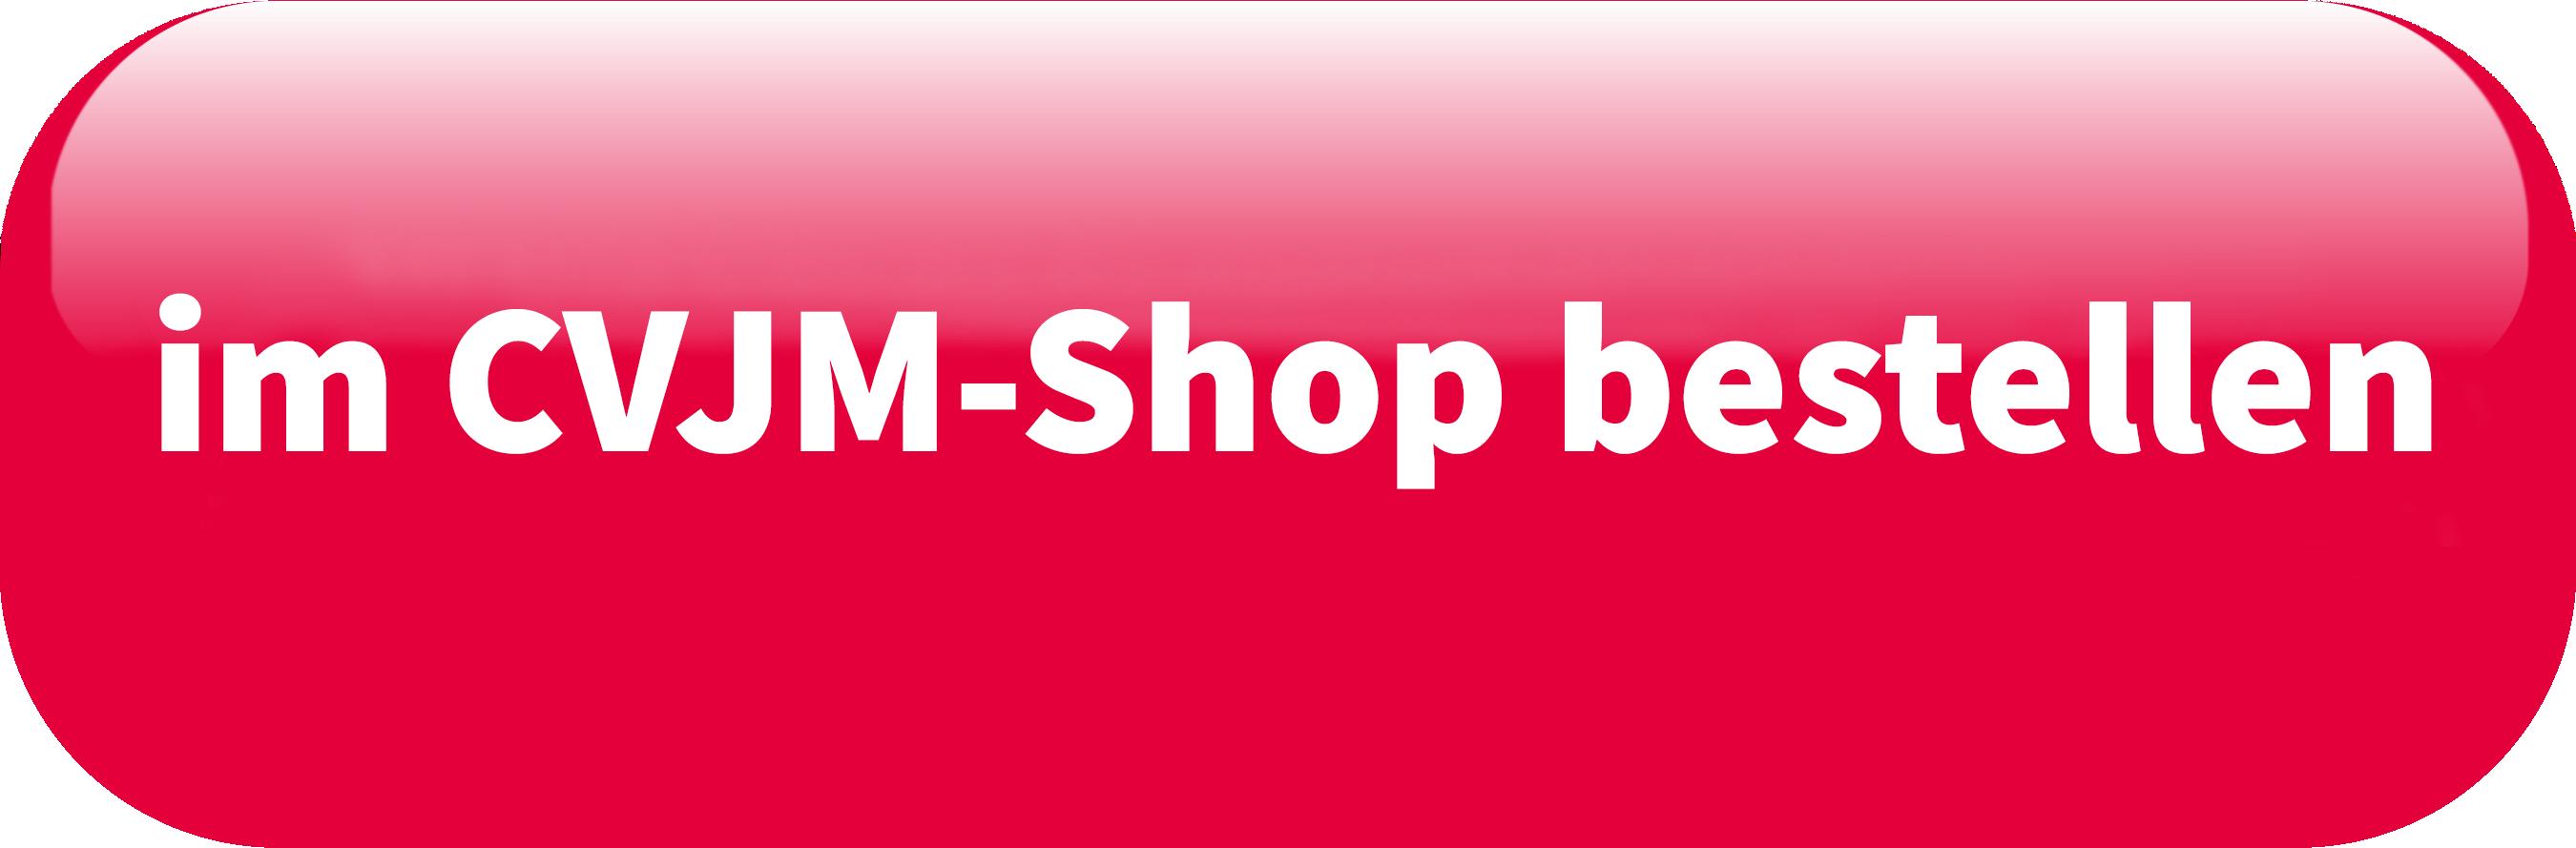 Shop bestellen